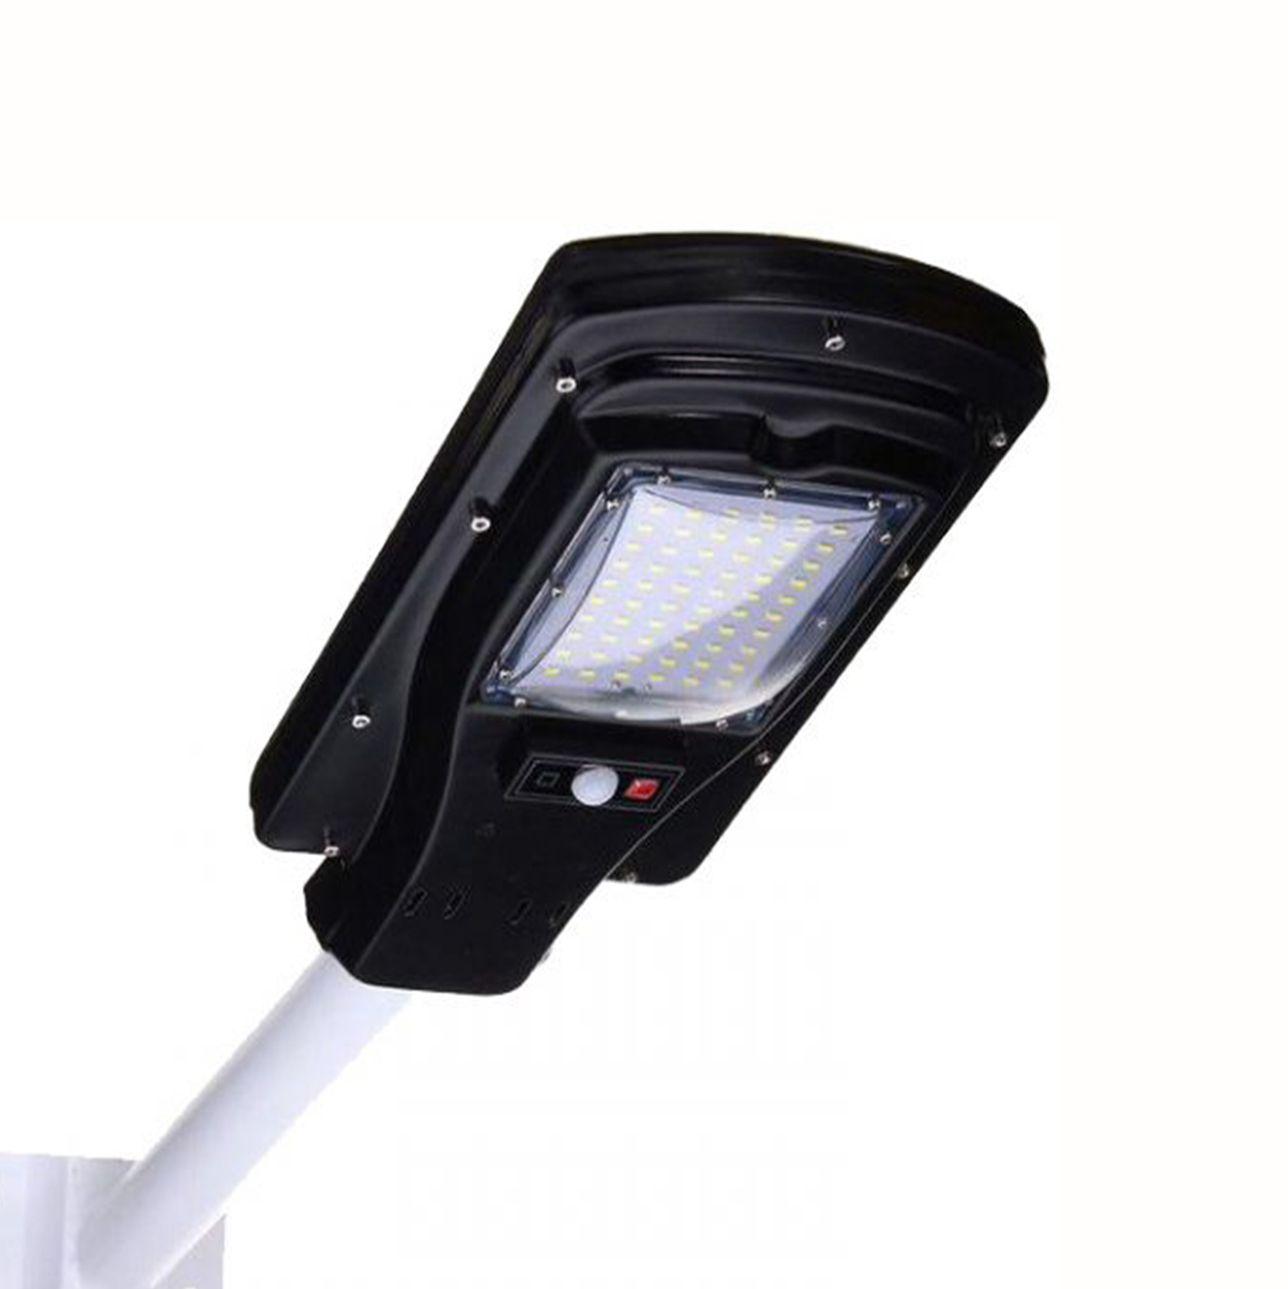 Luminária Pública Solar LED p/ Poste c/ Controle Remoto 30W 6.000K- Preto